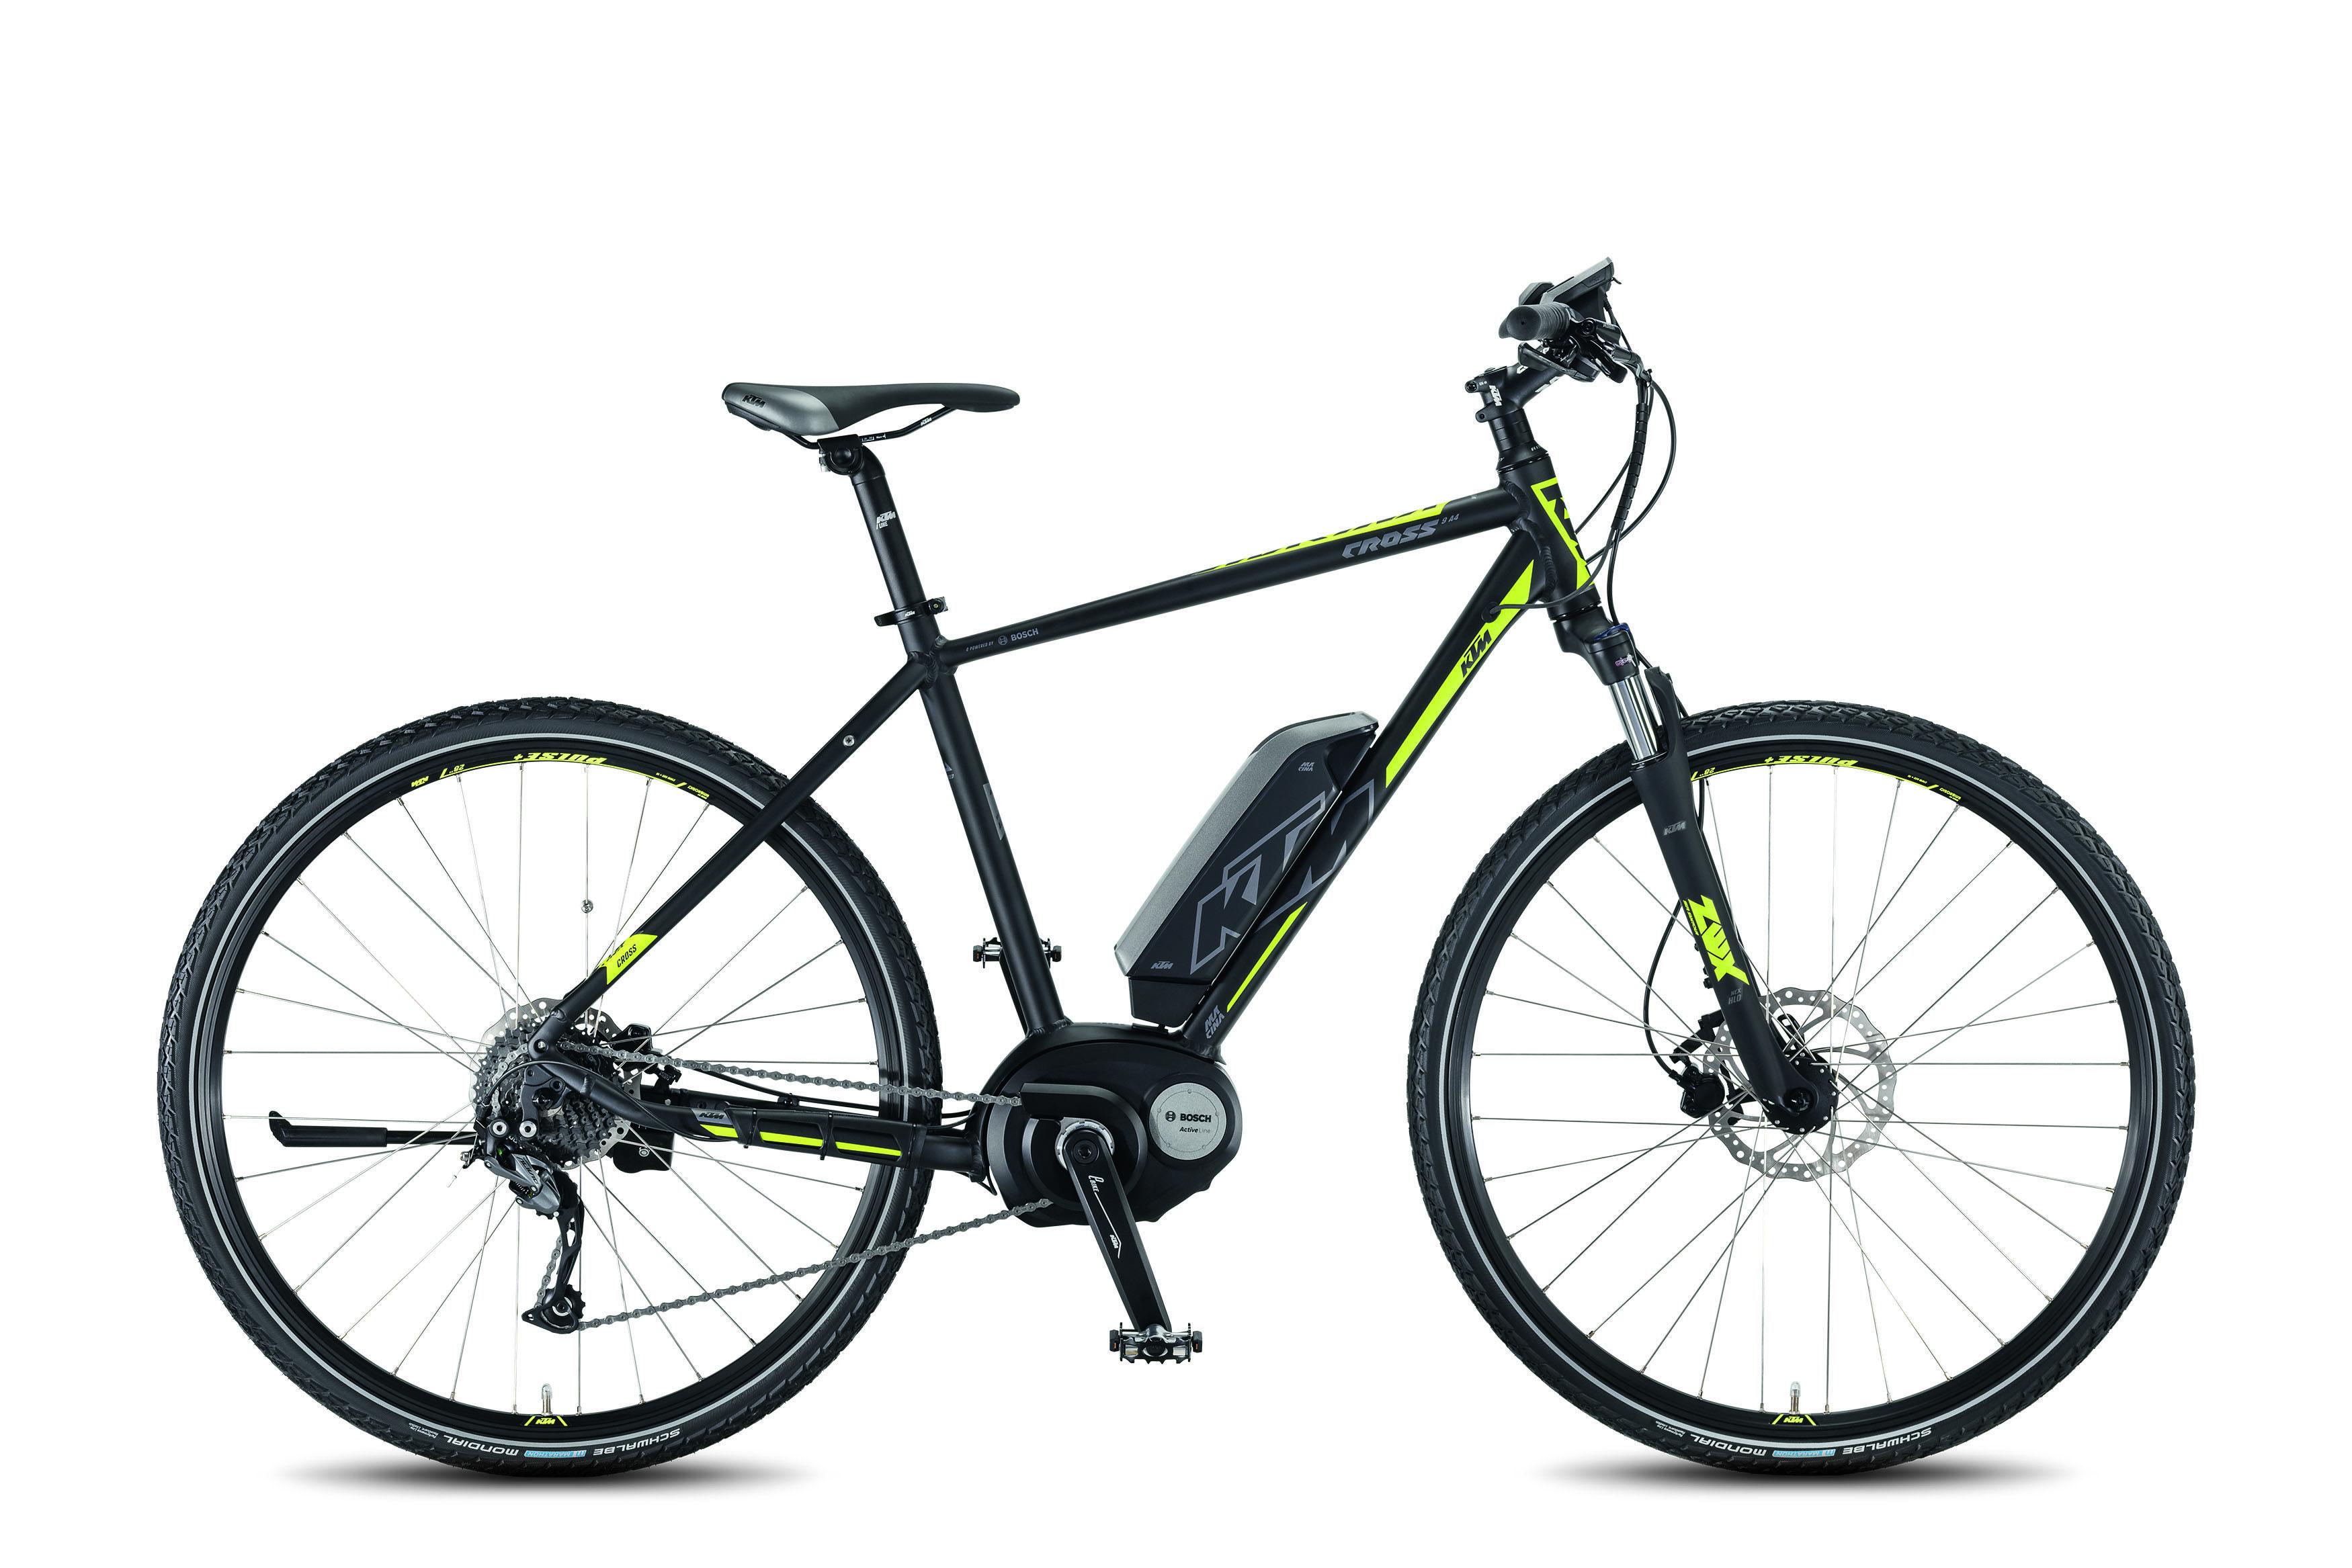 Macina Cross 9 A4 Pedelec Fahrrad